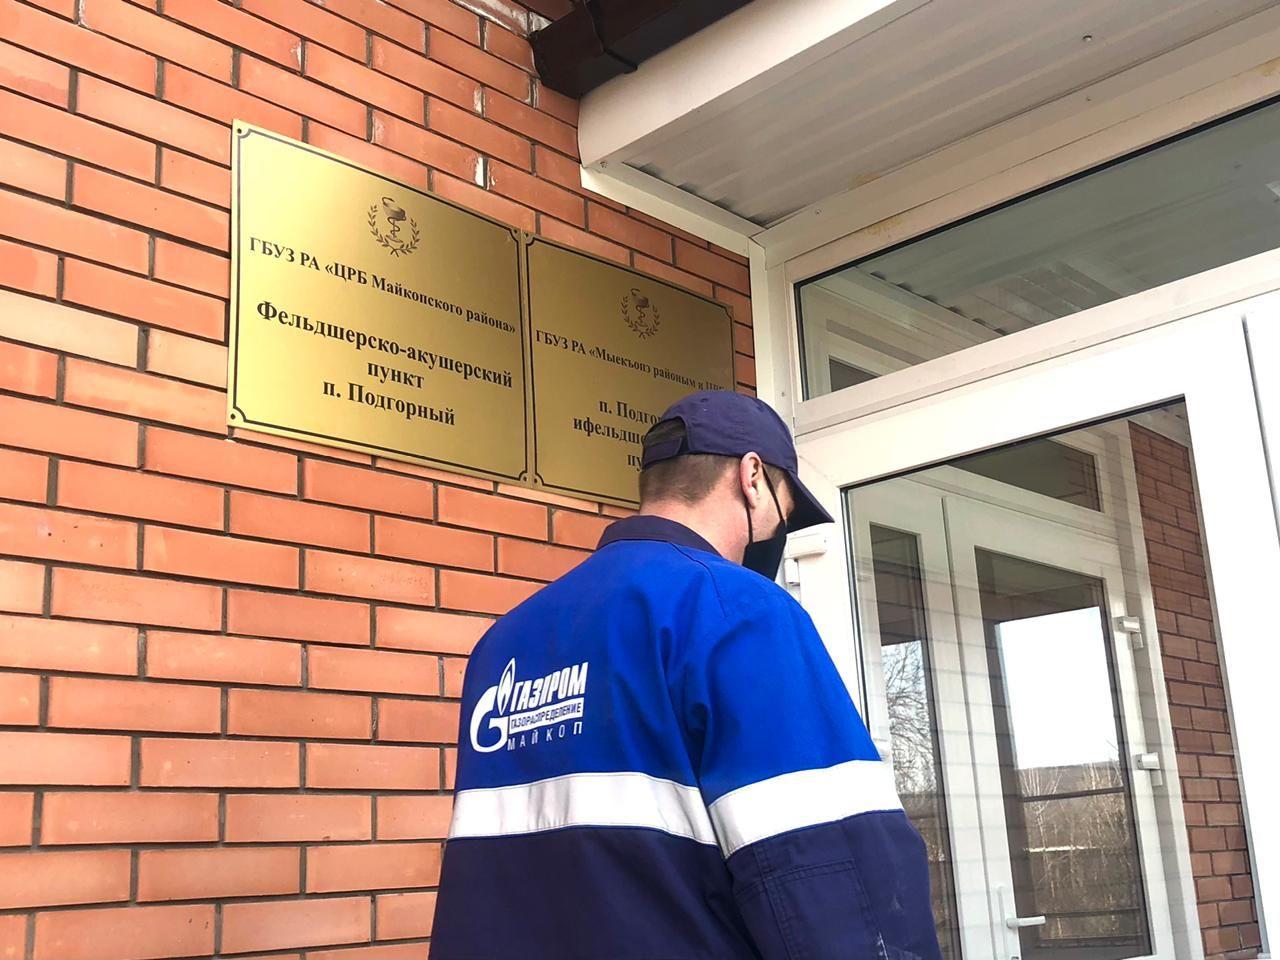 ©Фото пресс-службы АО «Газпром газораспределение Майкоп»